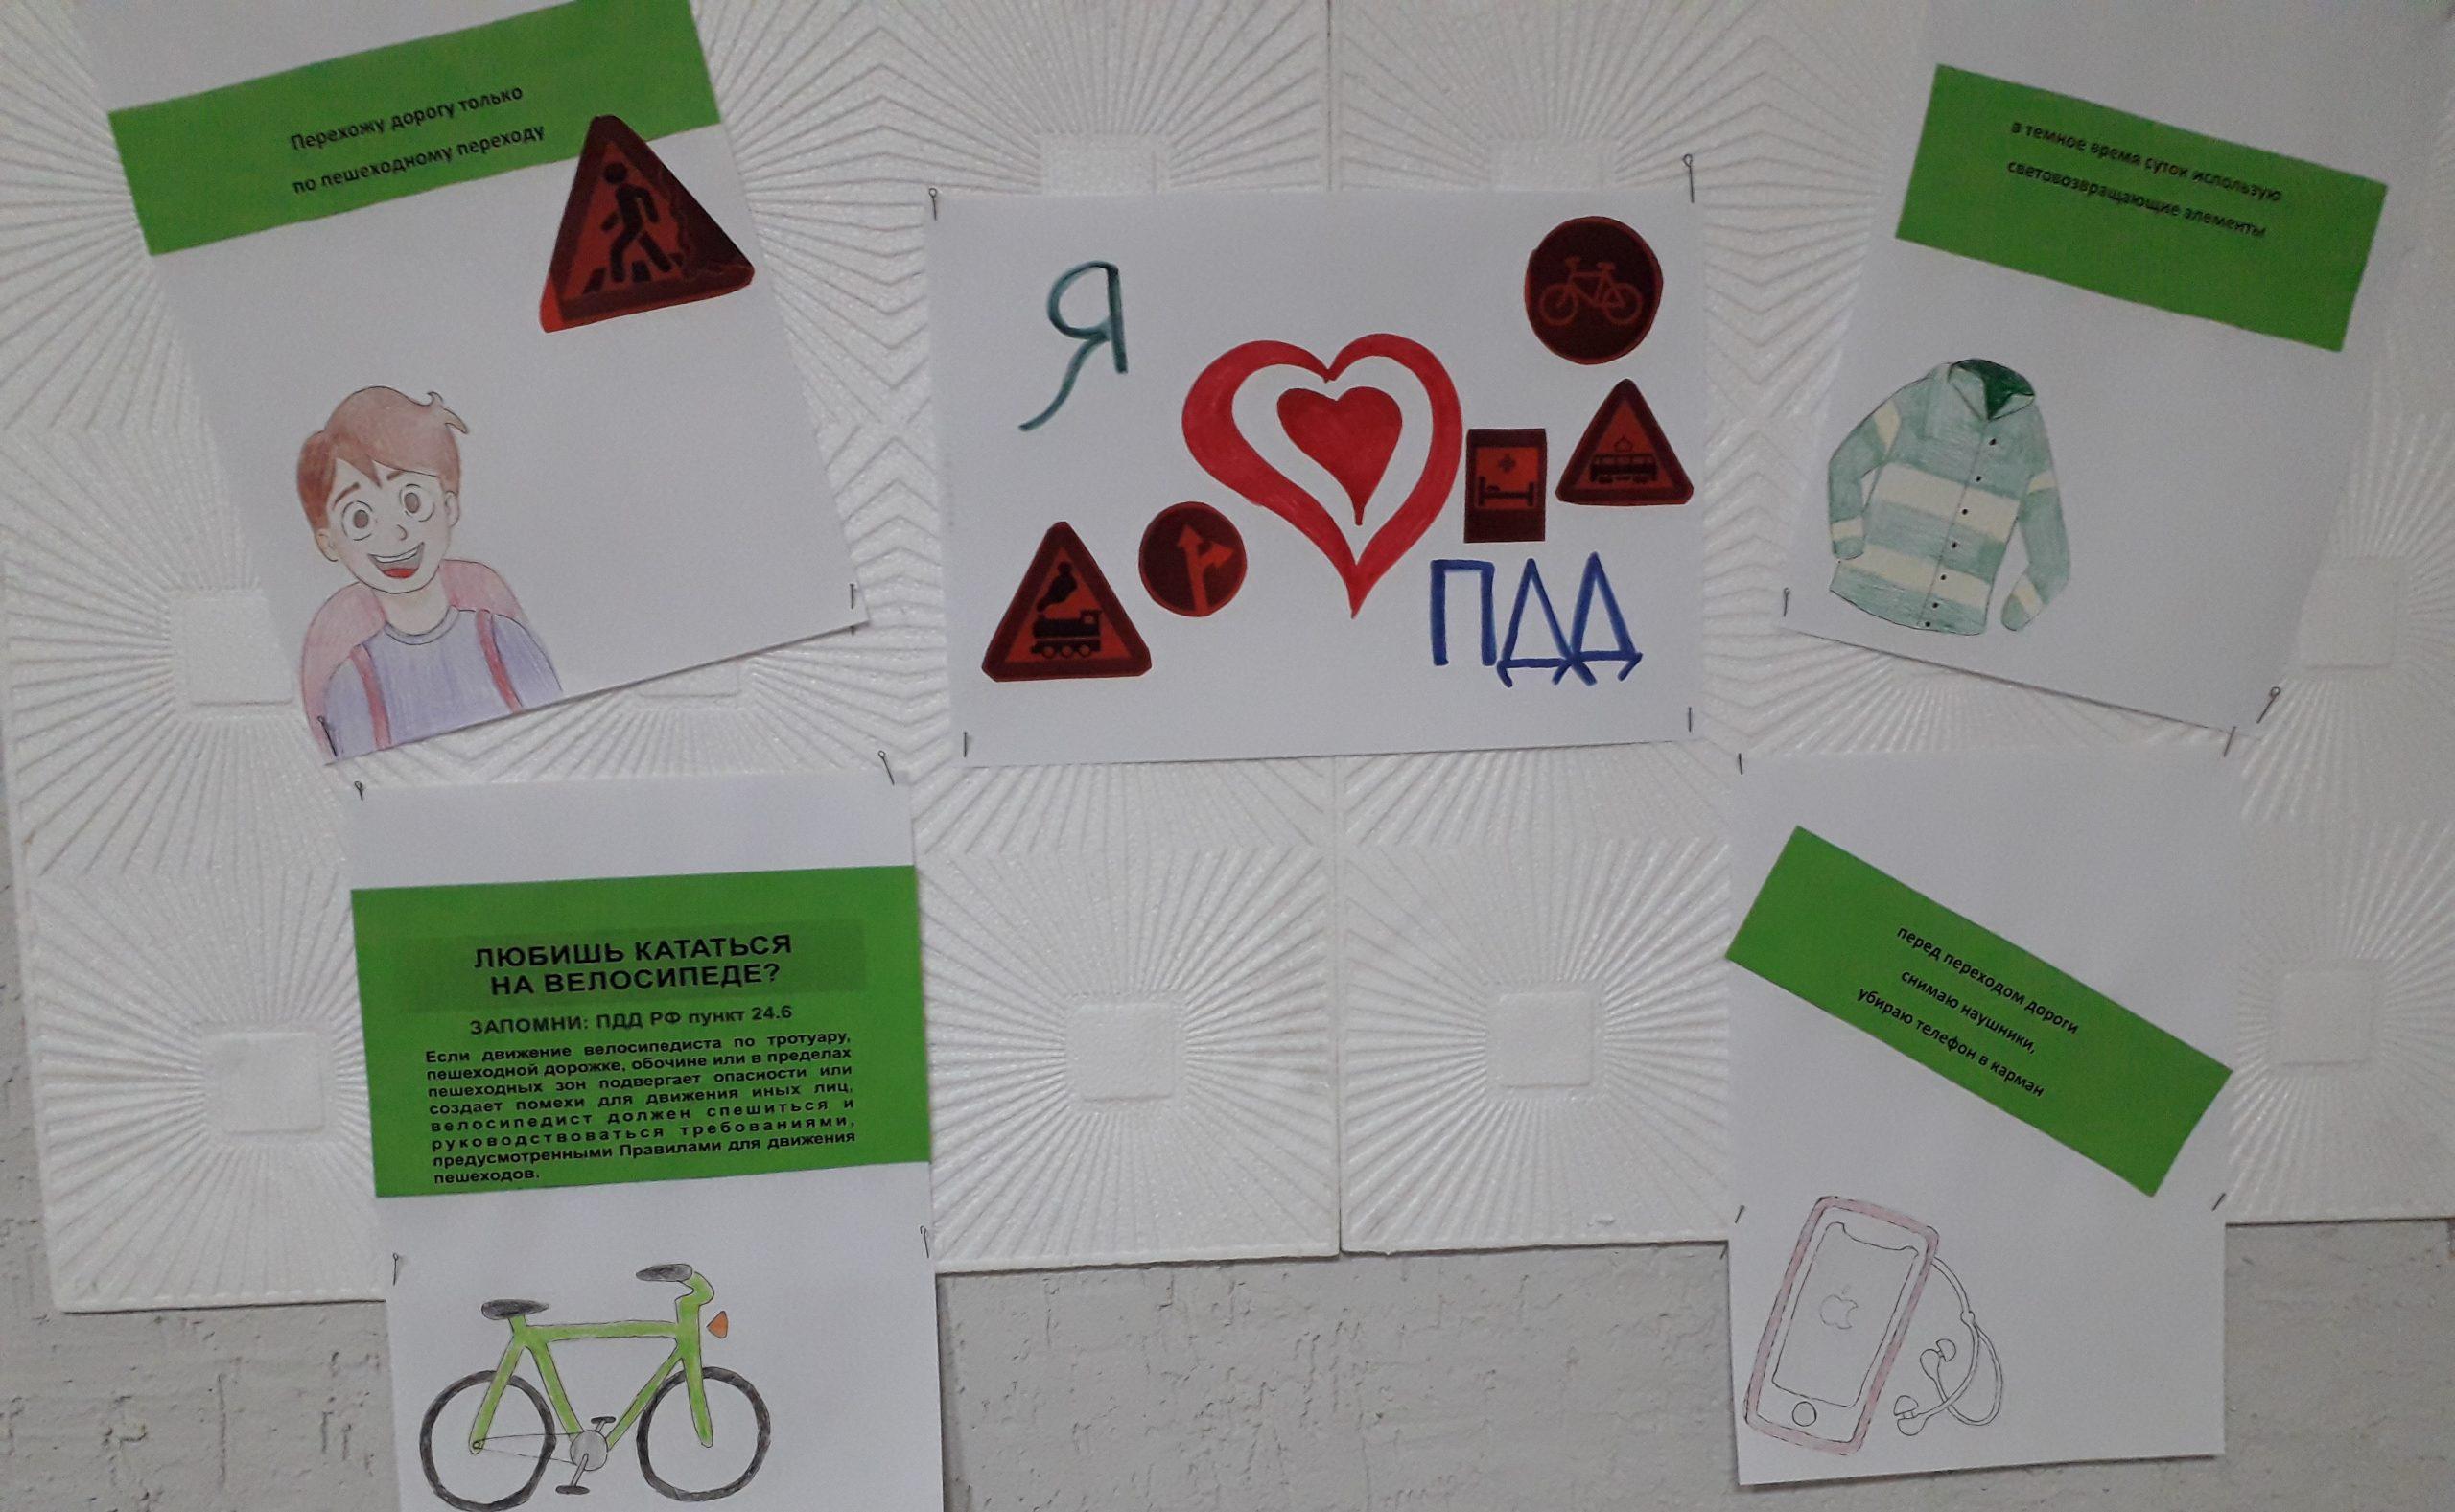 Выставка рисунков по безопасности дорожного движения в общежитии колледжа